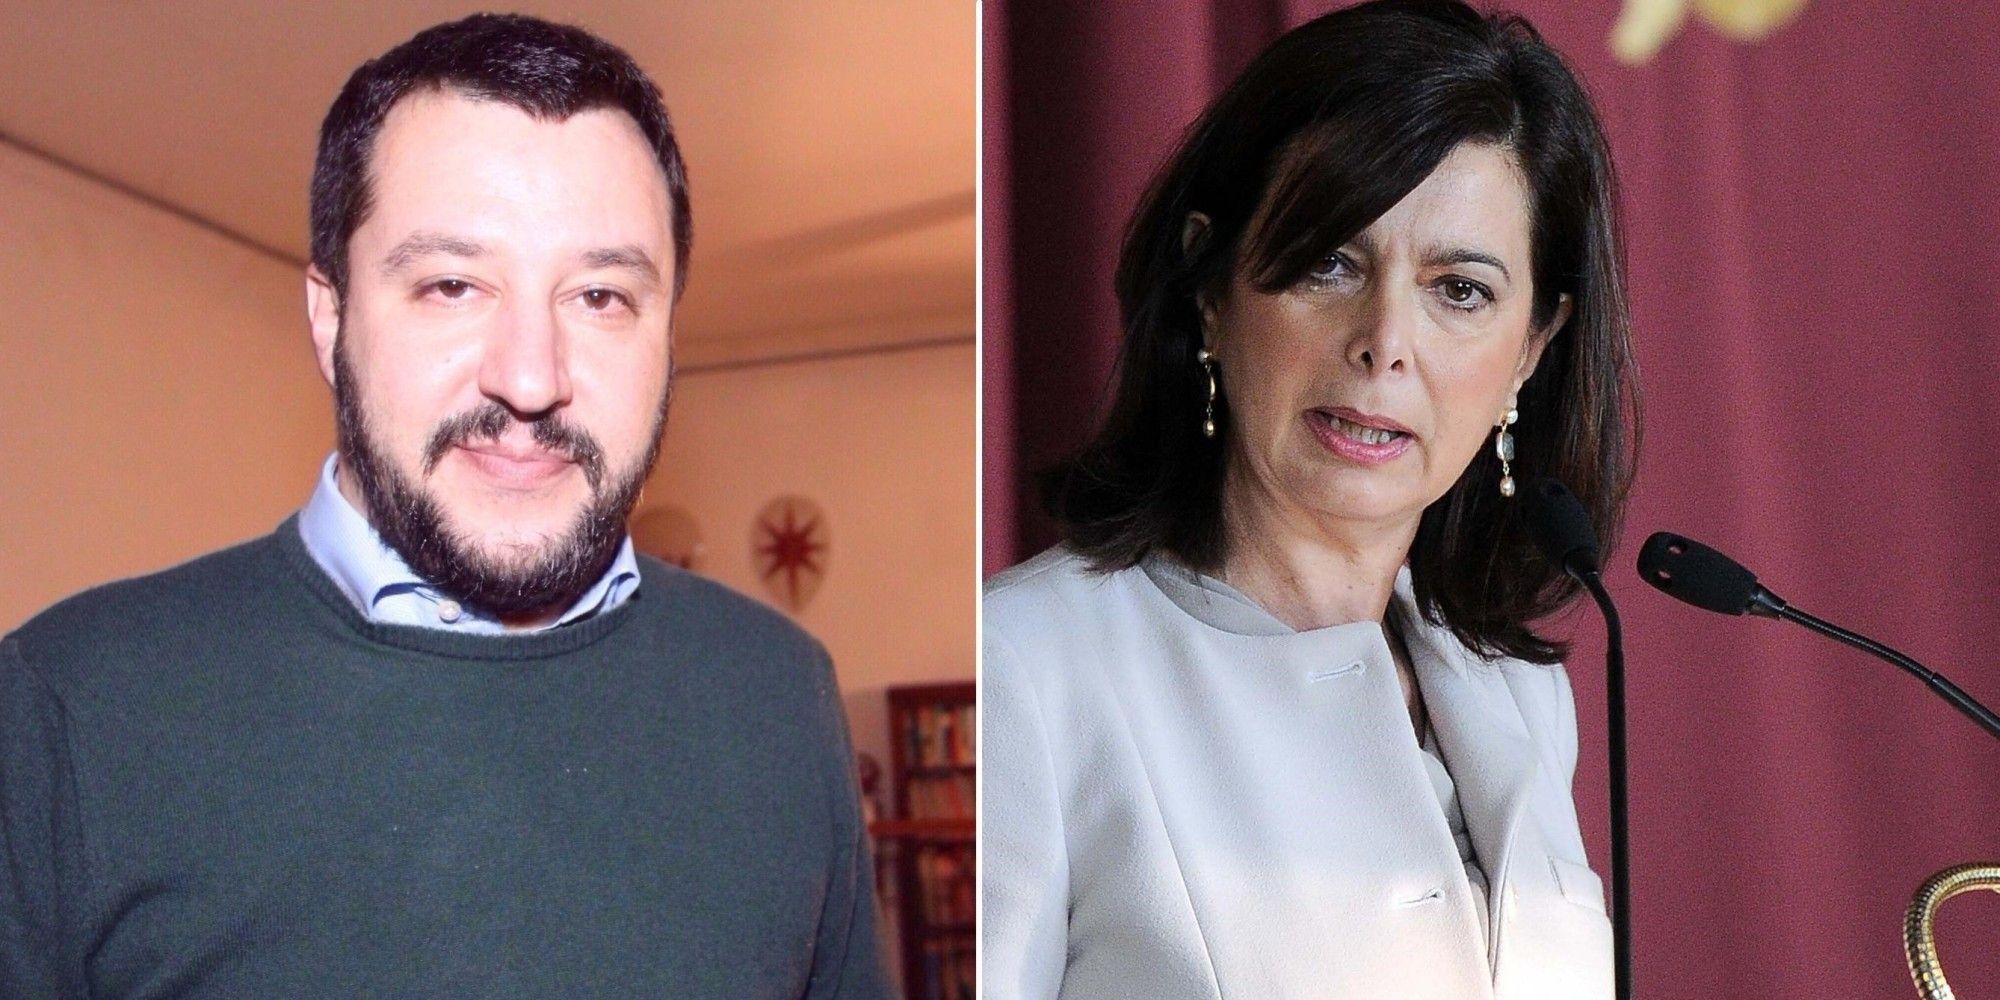 Salvini offende Boldrini con bambola gonfiabile: polemiche